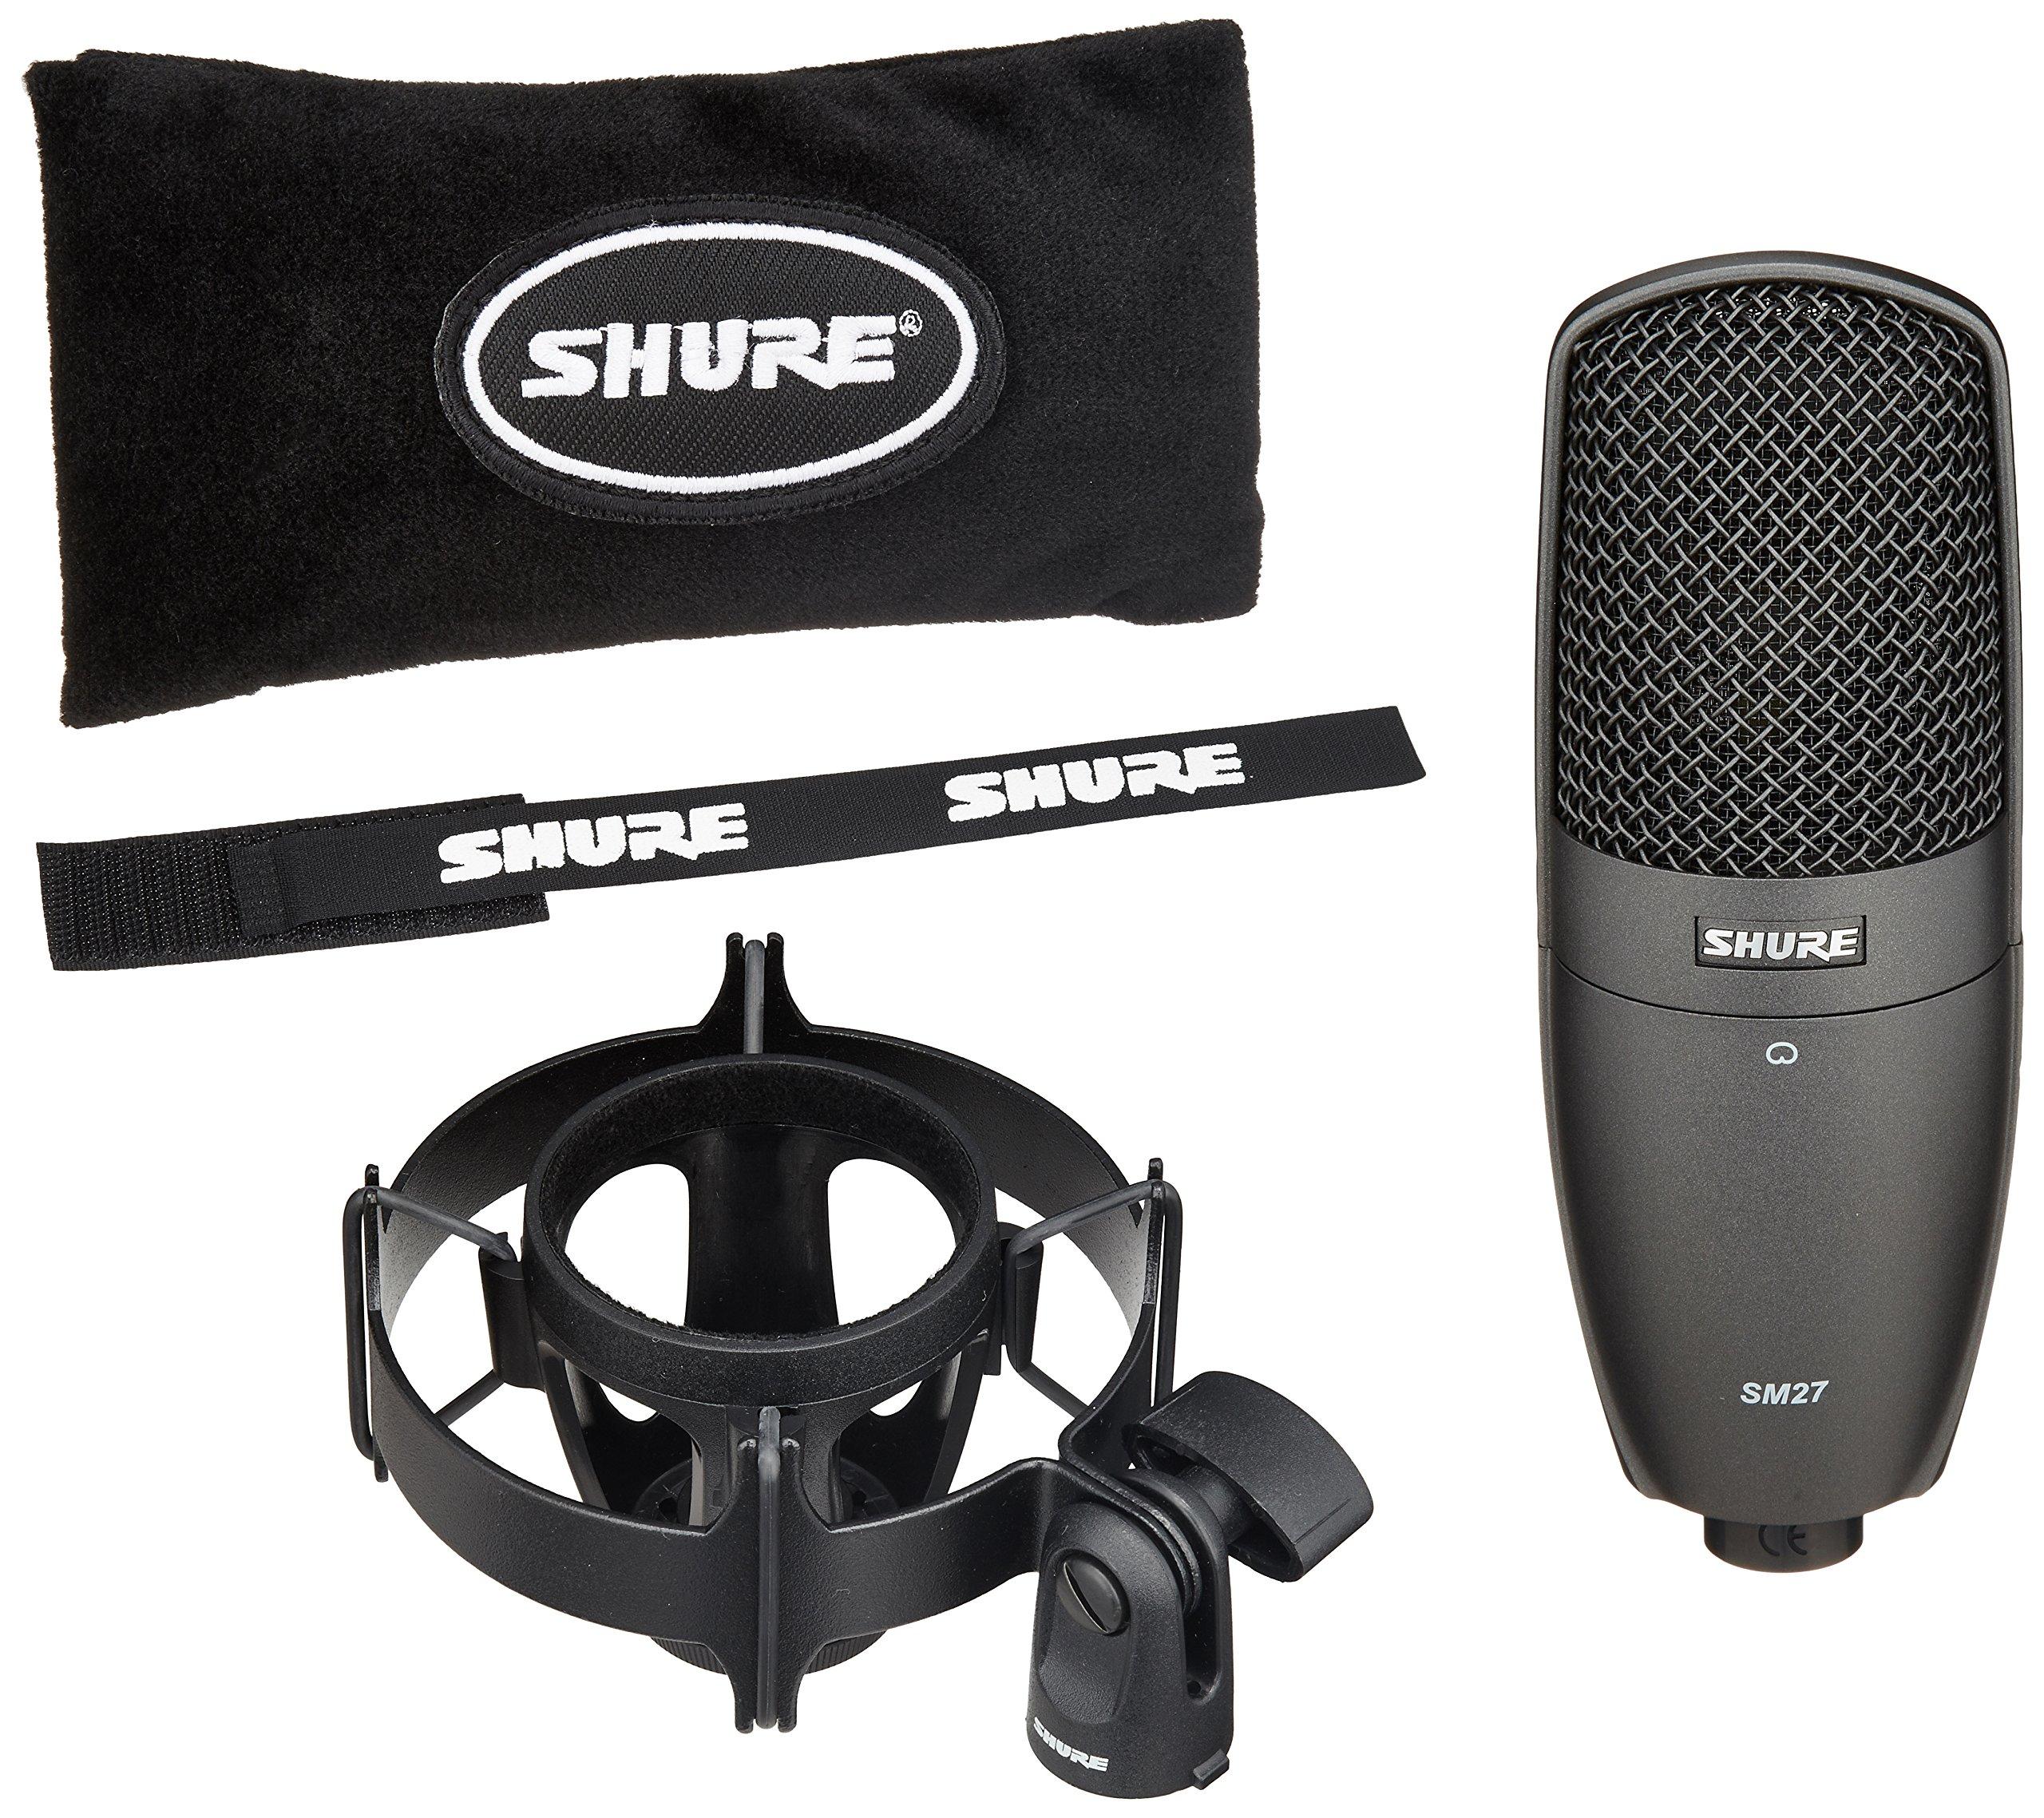 Shure Multi-Purpose Condenser Microphone, Black (SM27-SC) by Shure